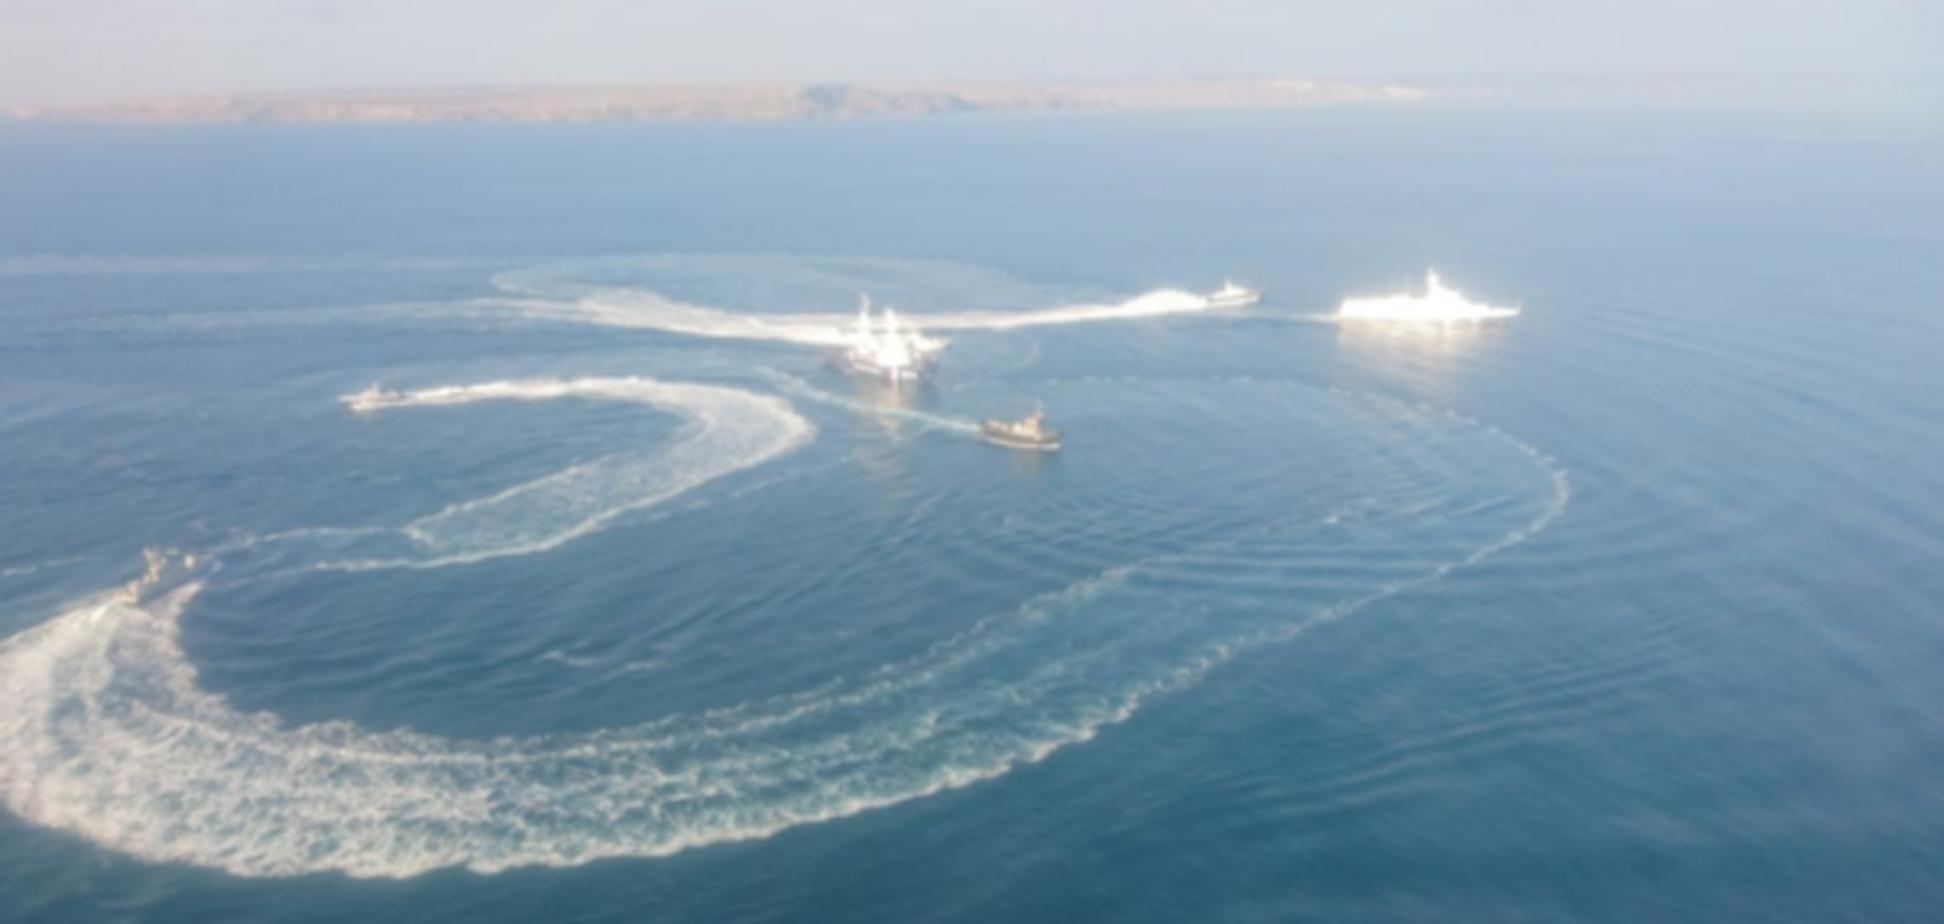 ''Під повним контролем Росії'': Україні запропонували рішення щодо Азовського моря